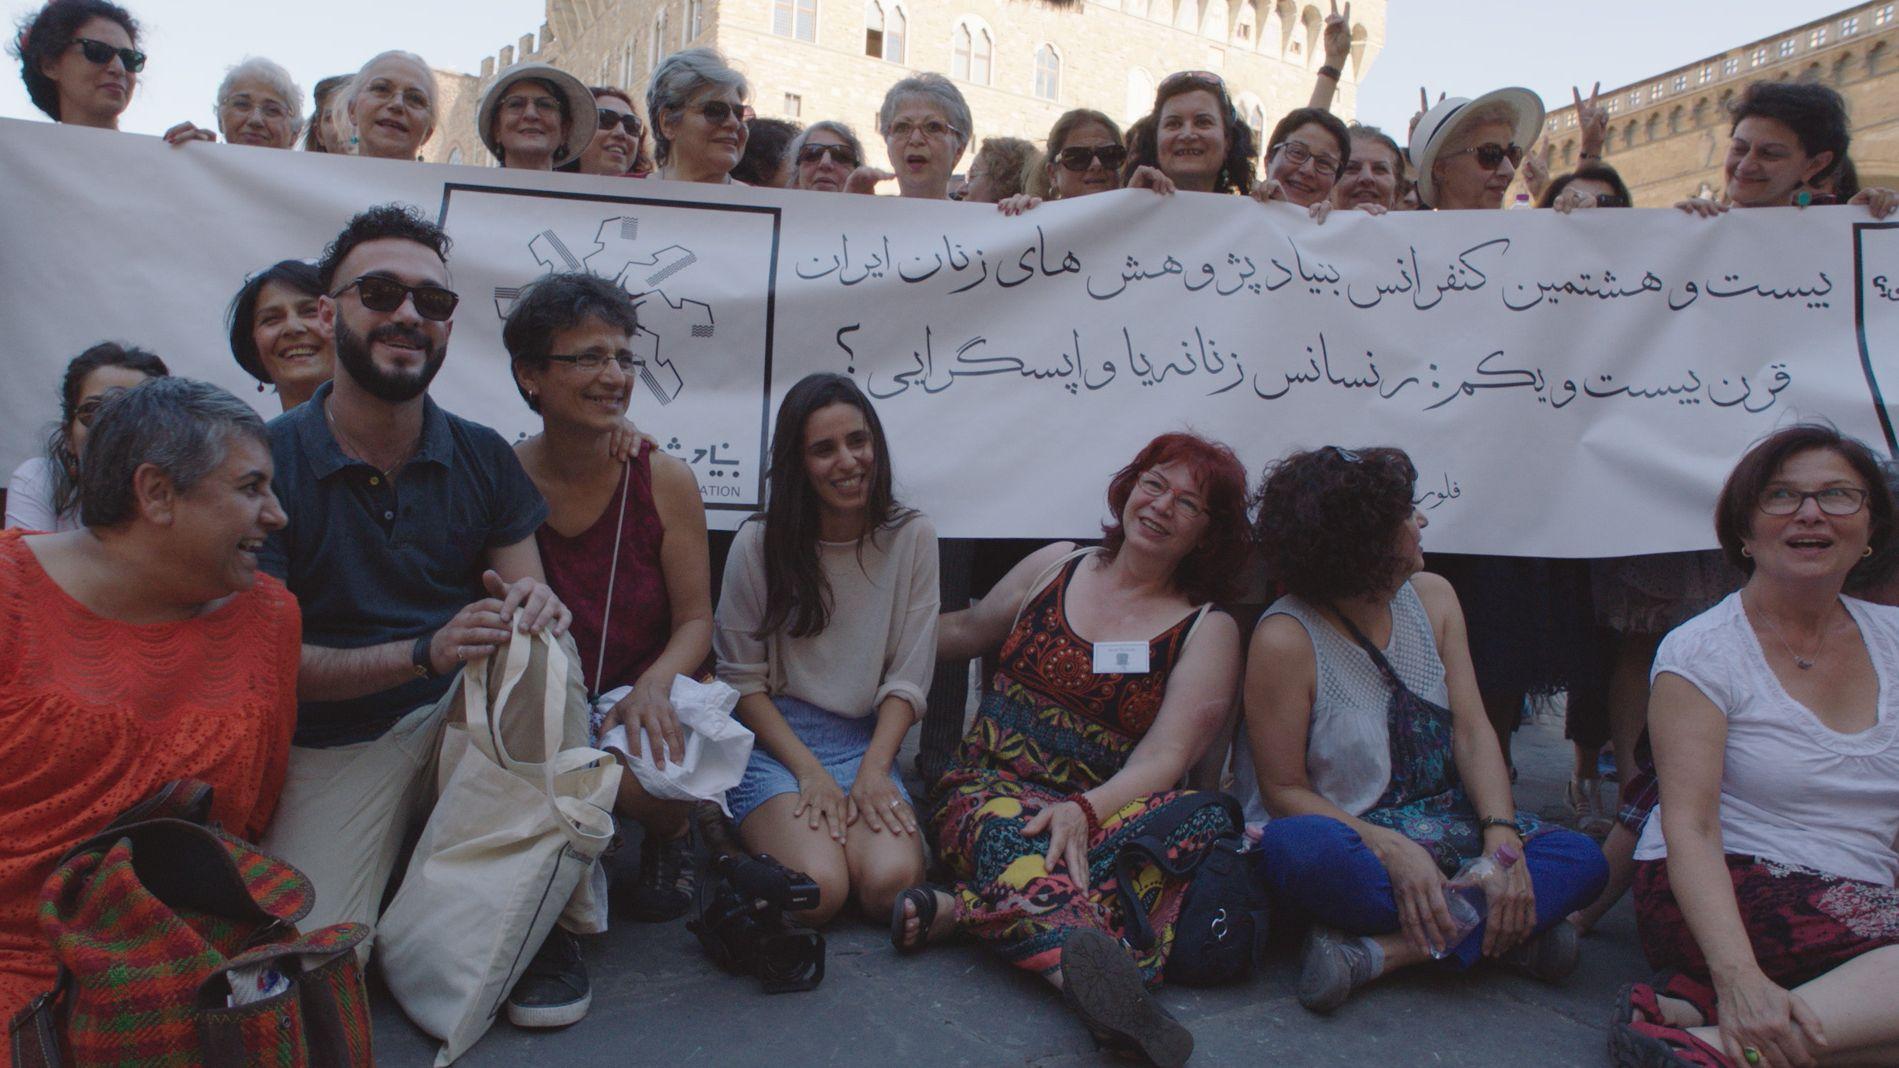 Maryam Zaree protestiert mit Exil-Iranern in Florenz, einige halten ein Banner in die Höhe